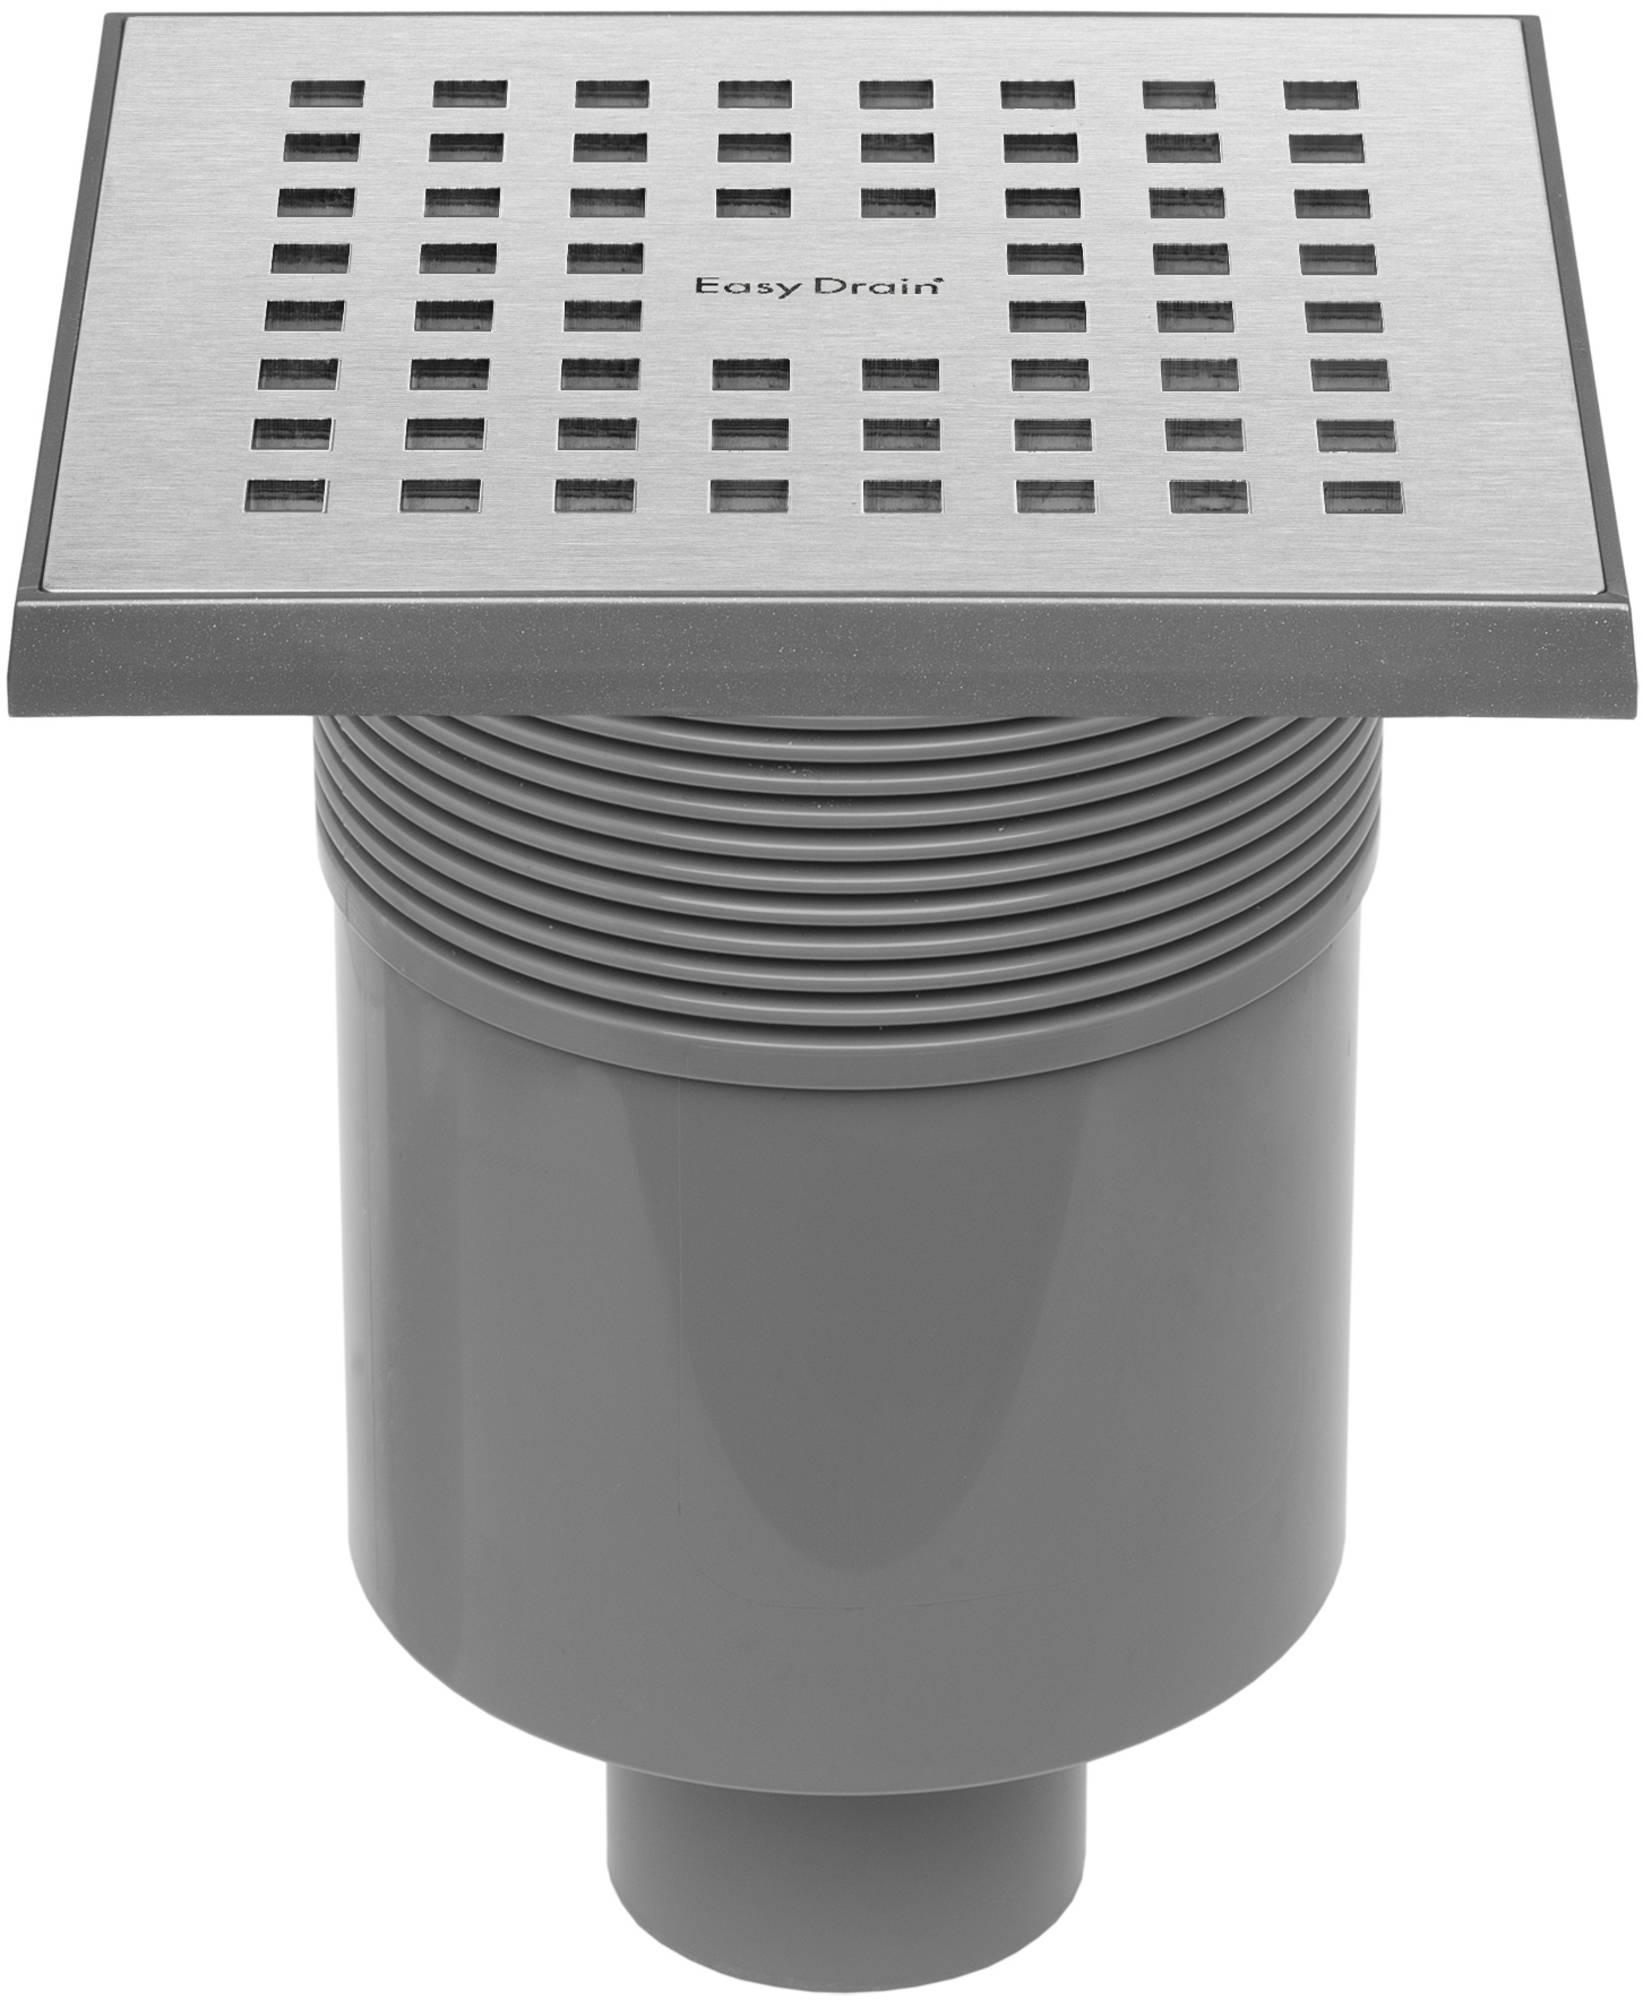 Easy Drain Aqua Quattro vloerput abs 15x15cm verticaal RVS Geborsteld